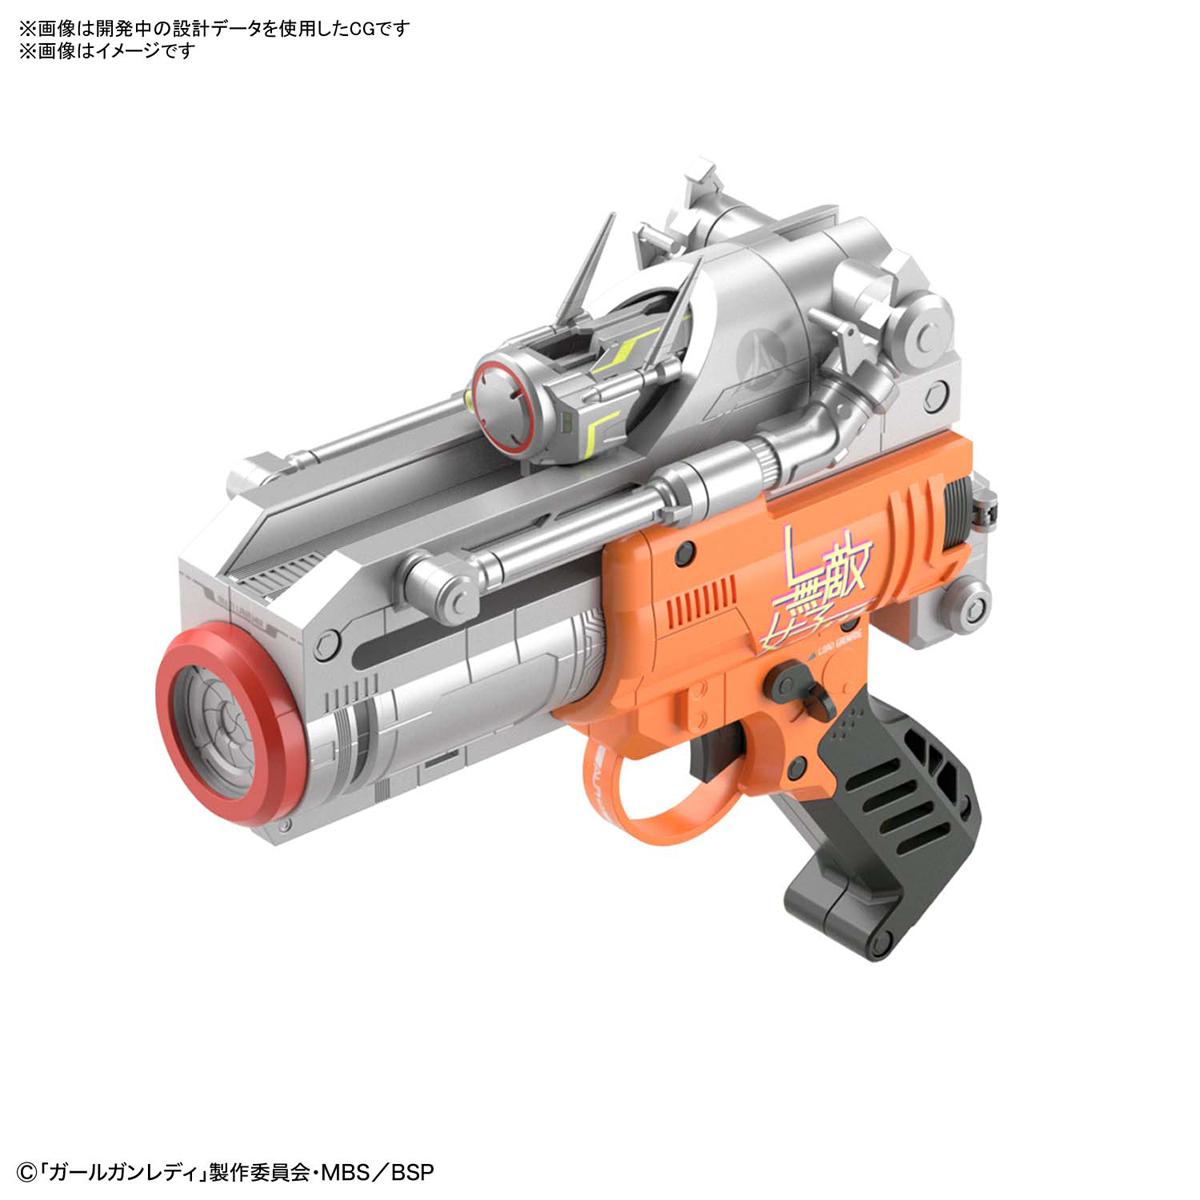 ガールガンレディ『ブラストガールガン Ver.アルファタンゴ』GGL 1/1 プラモデル-014